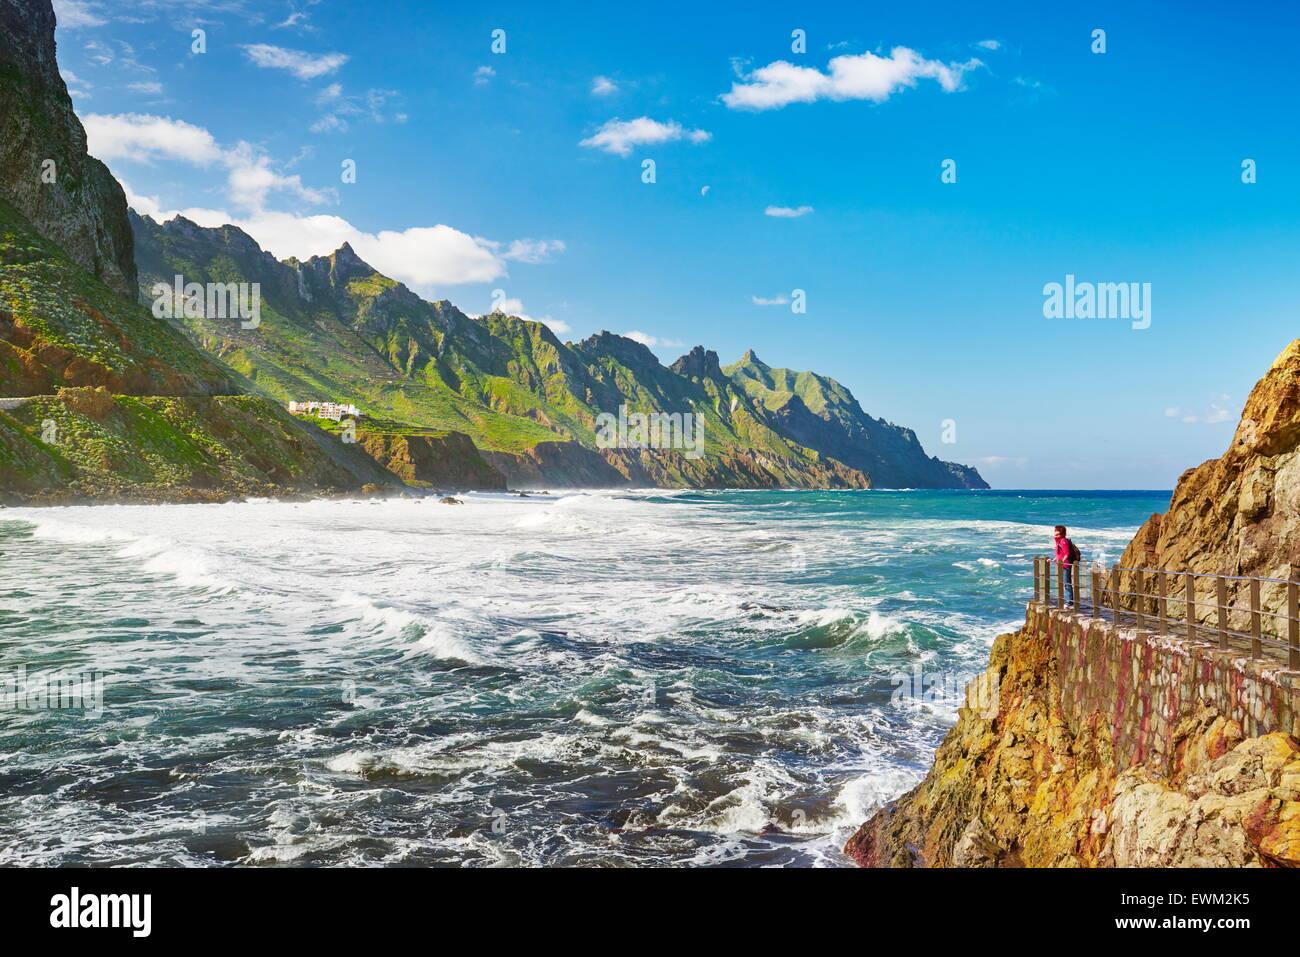 Almaciga, Costa de Taganana, Tenerife, Islas Canarias, España Imagen De Stock